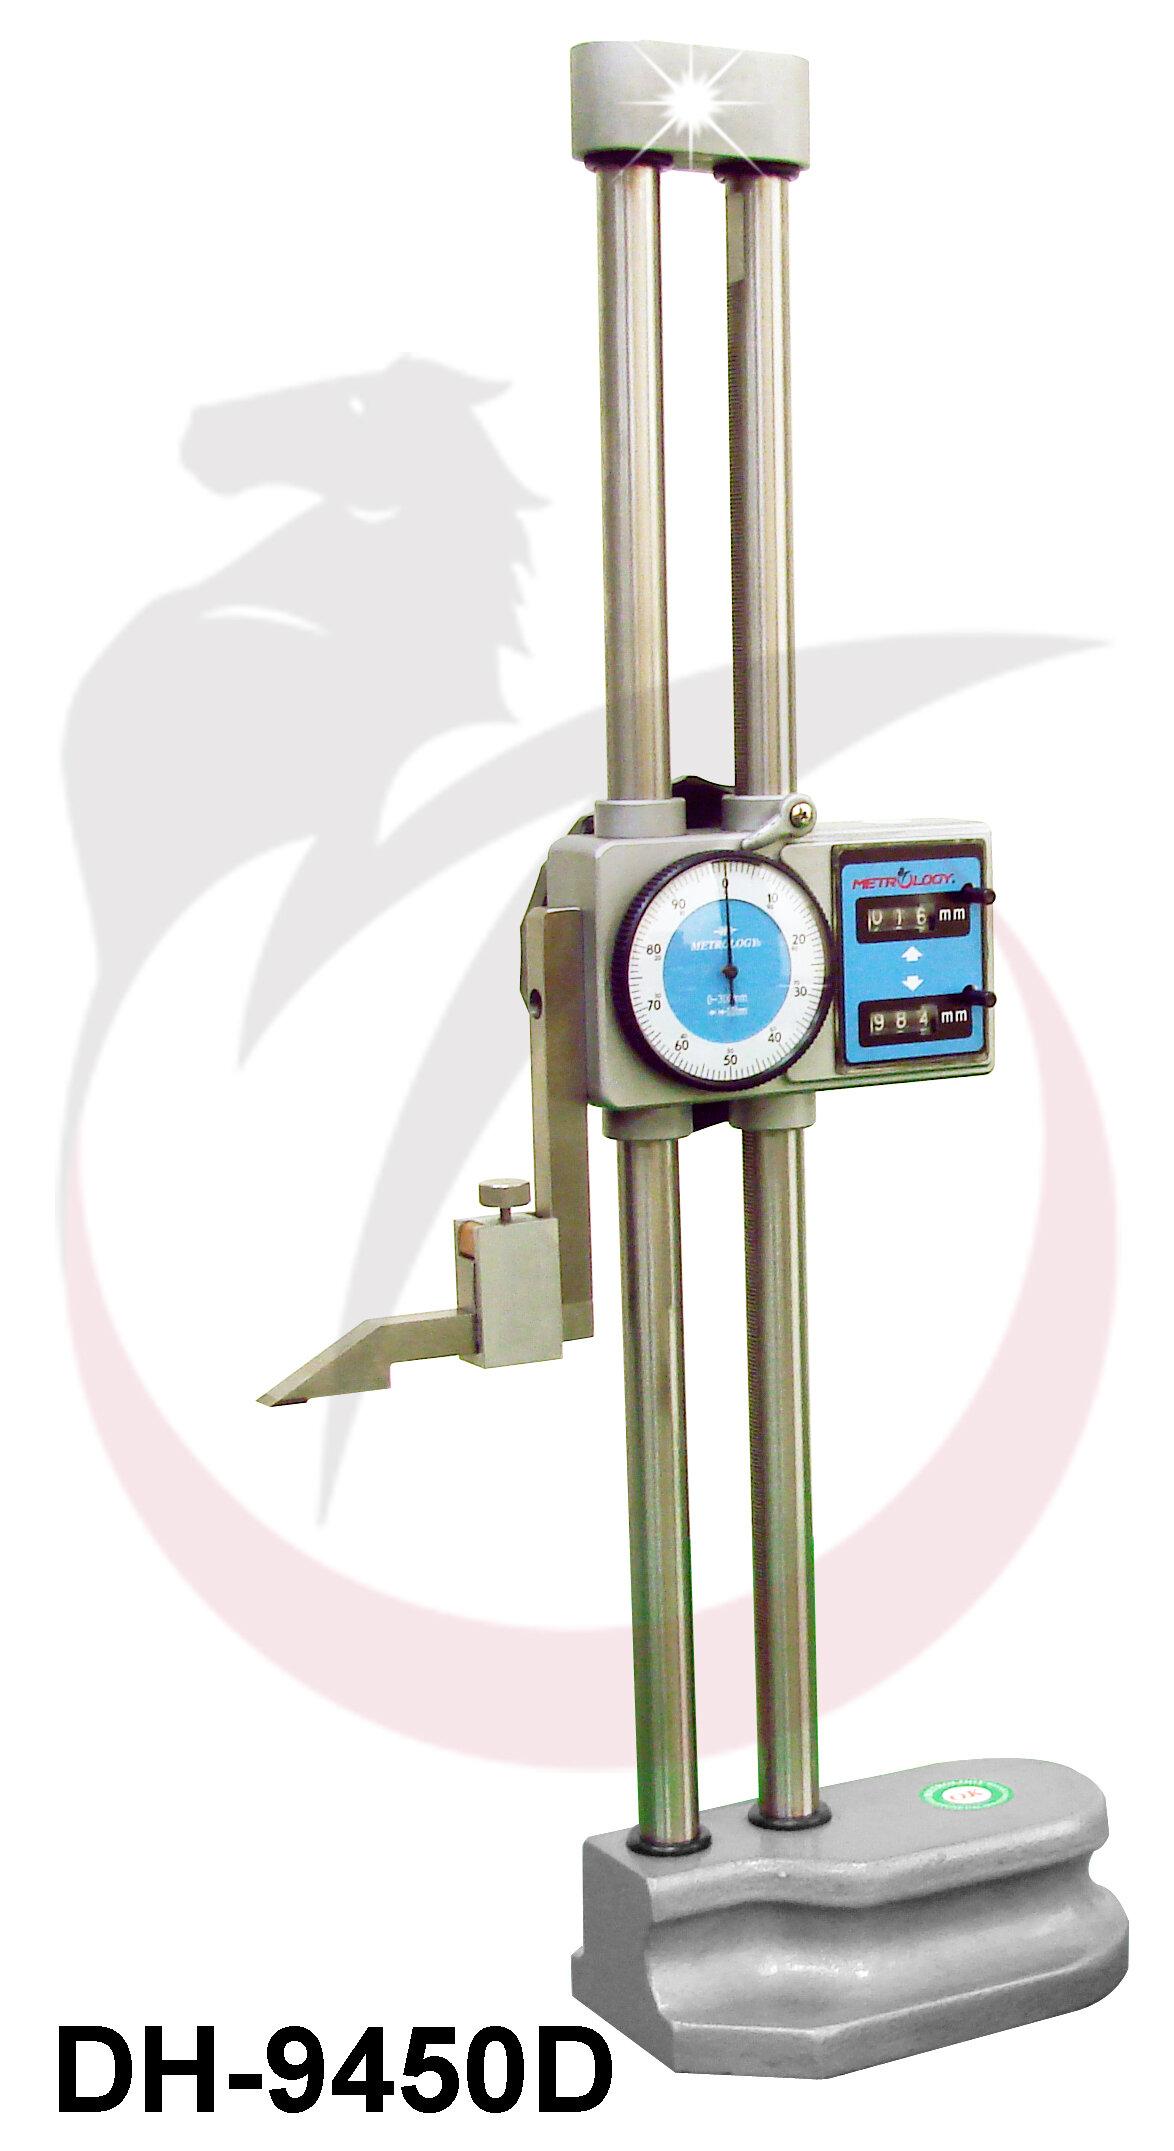 Thước đo cao đồng hồ Metrology DH-9450D